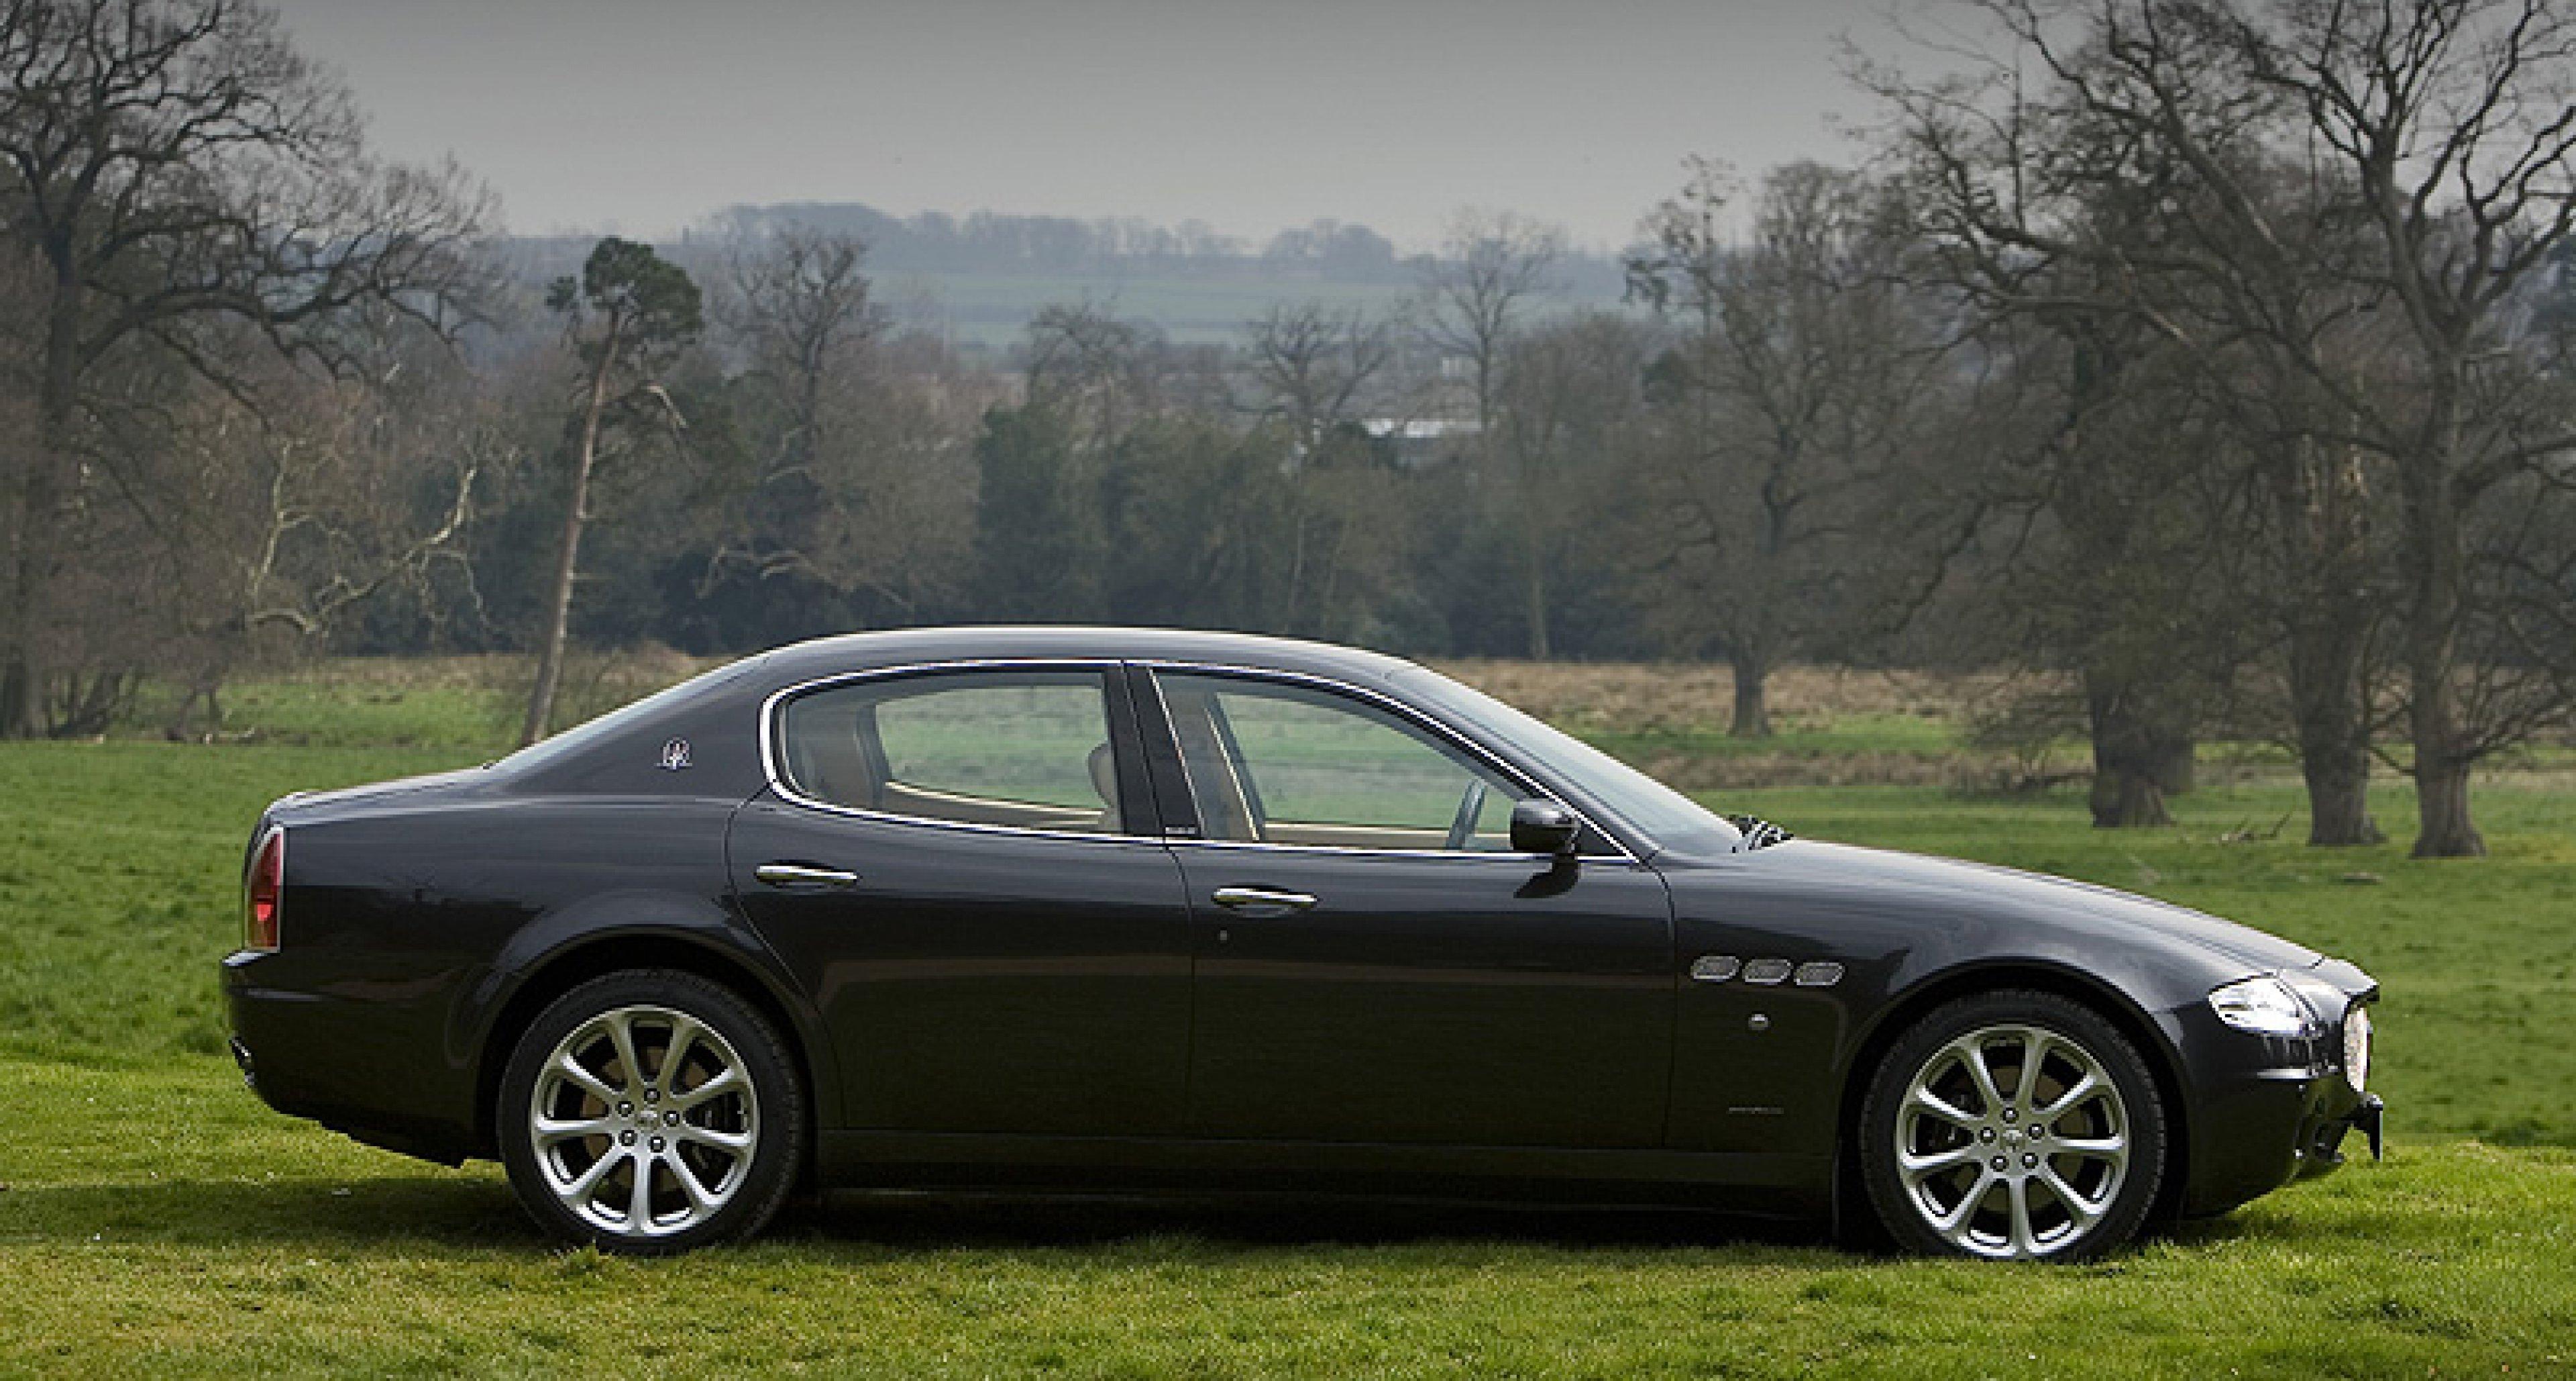 The 2007 Maserati Quattroporte